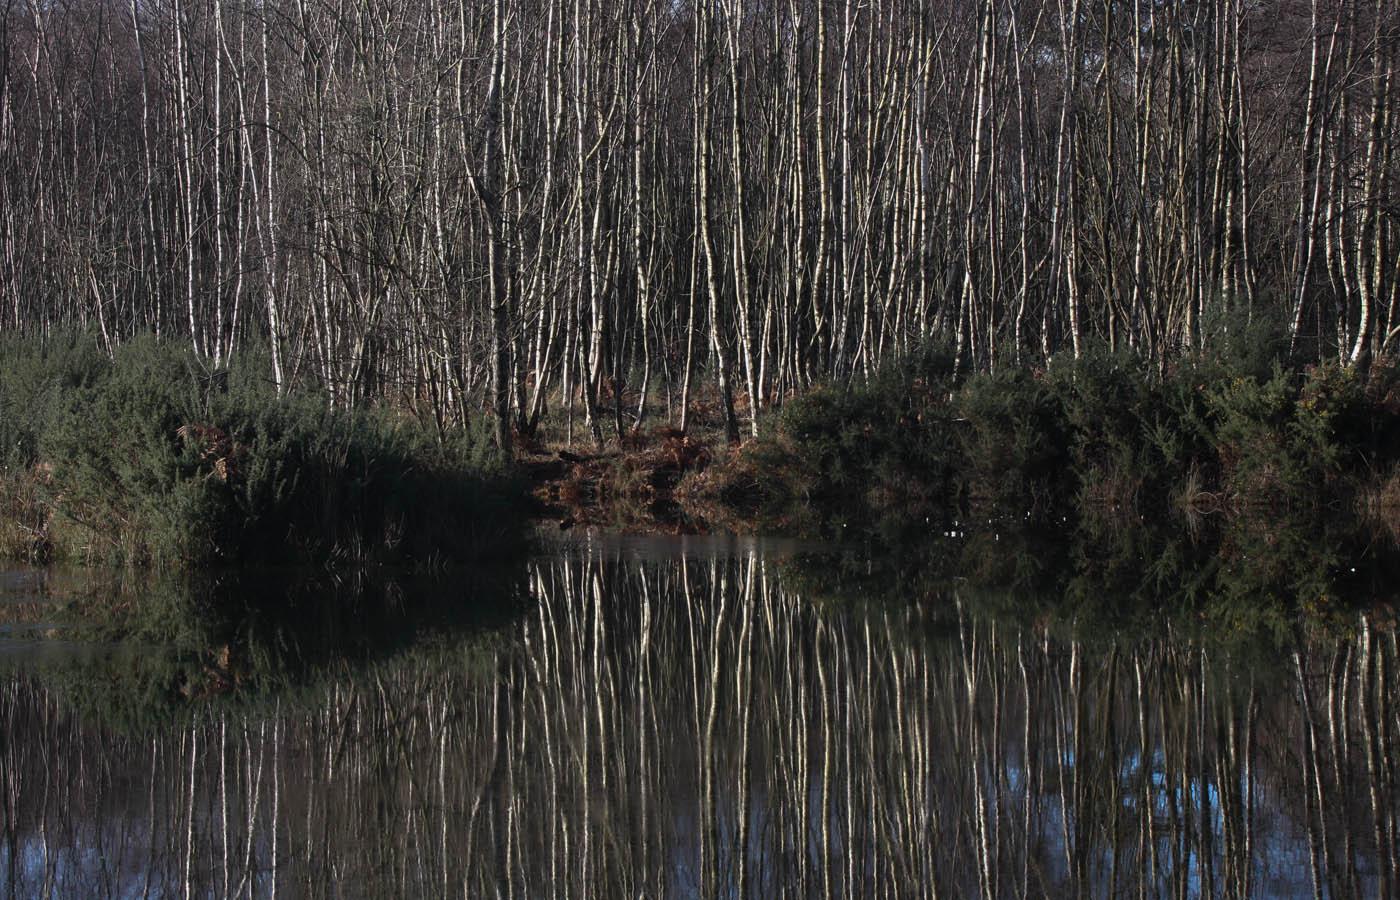 BIRCH FOREST by Philip Butterworth.jpg